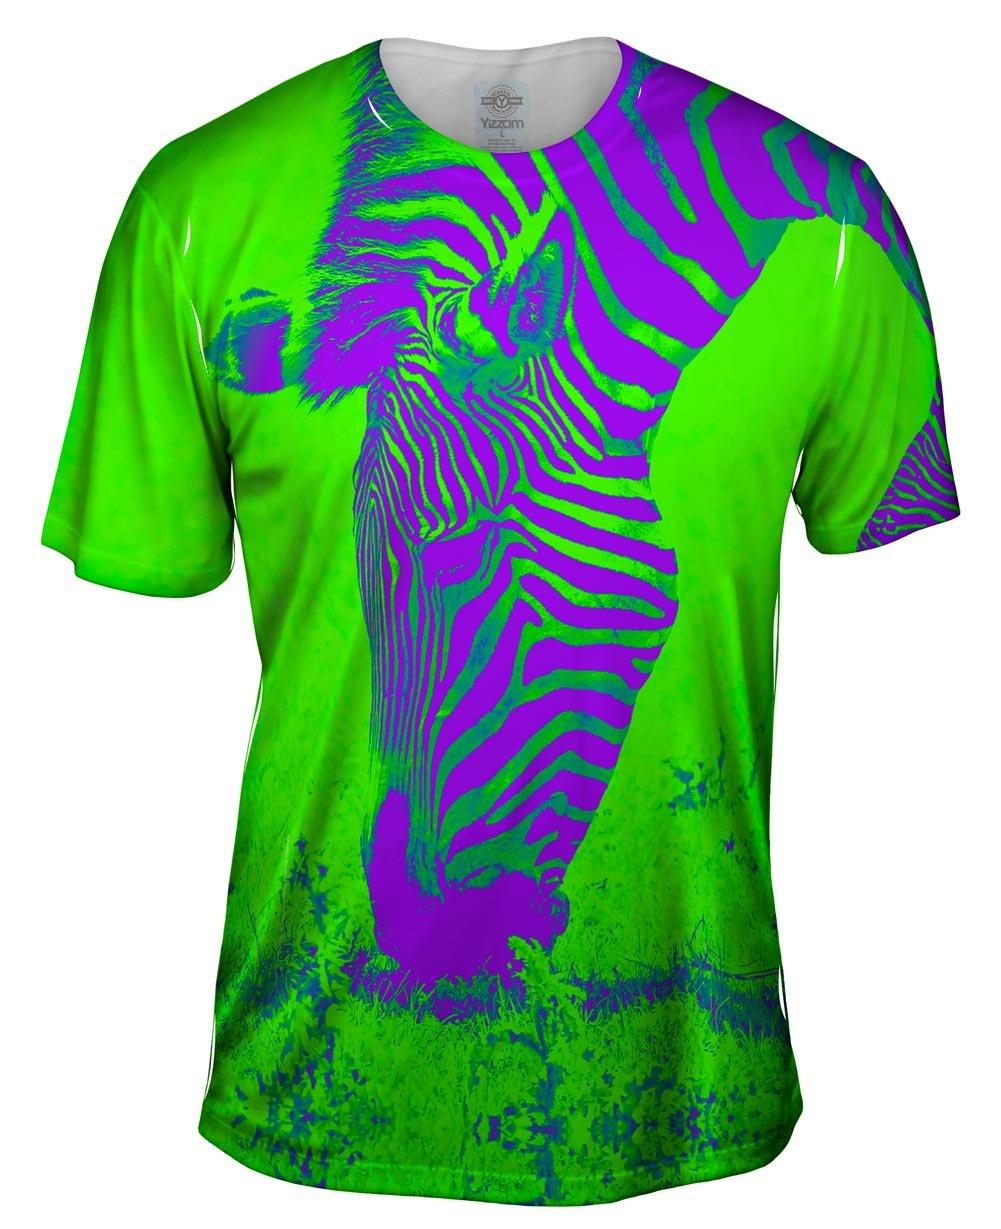 Neon Purple Green Zebra -Tagless- Mens Shirt S - Small, Medium, Large, XL, 2X, 3X, 4X